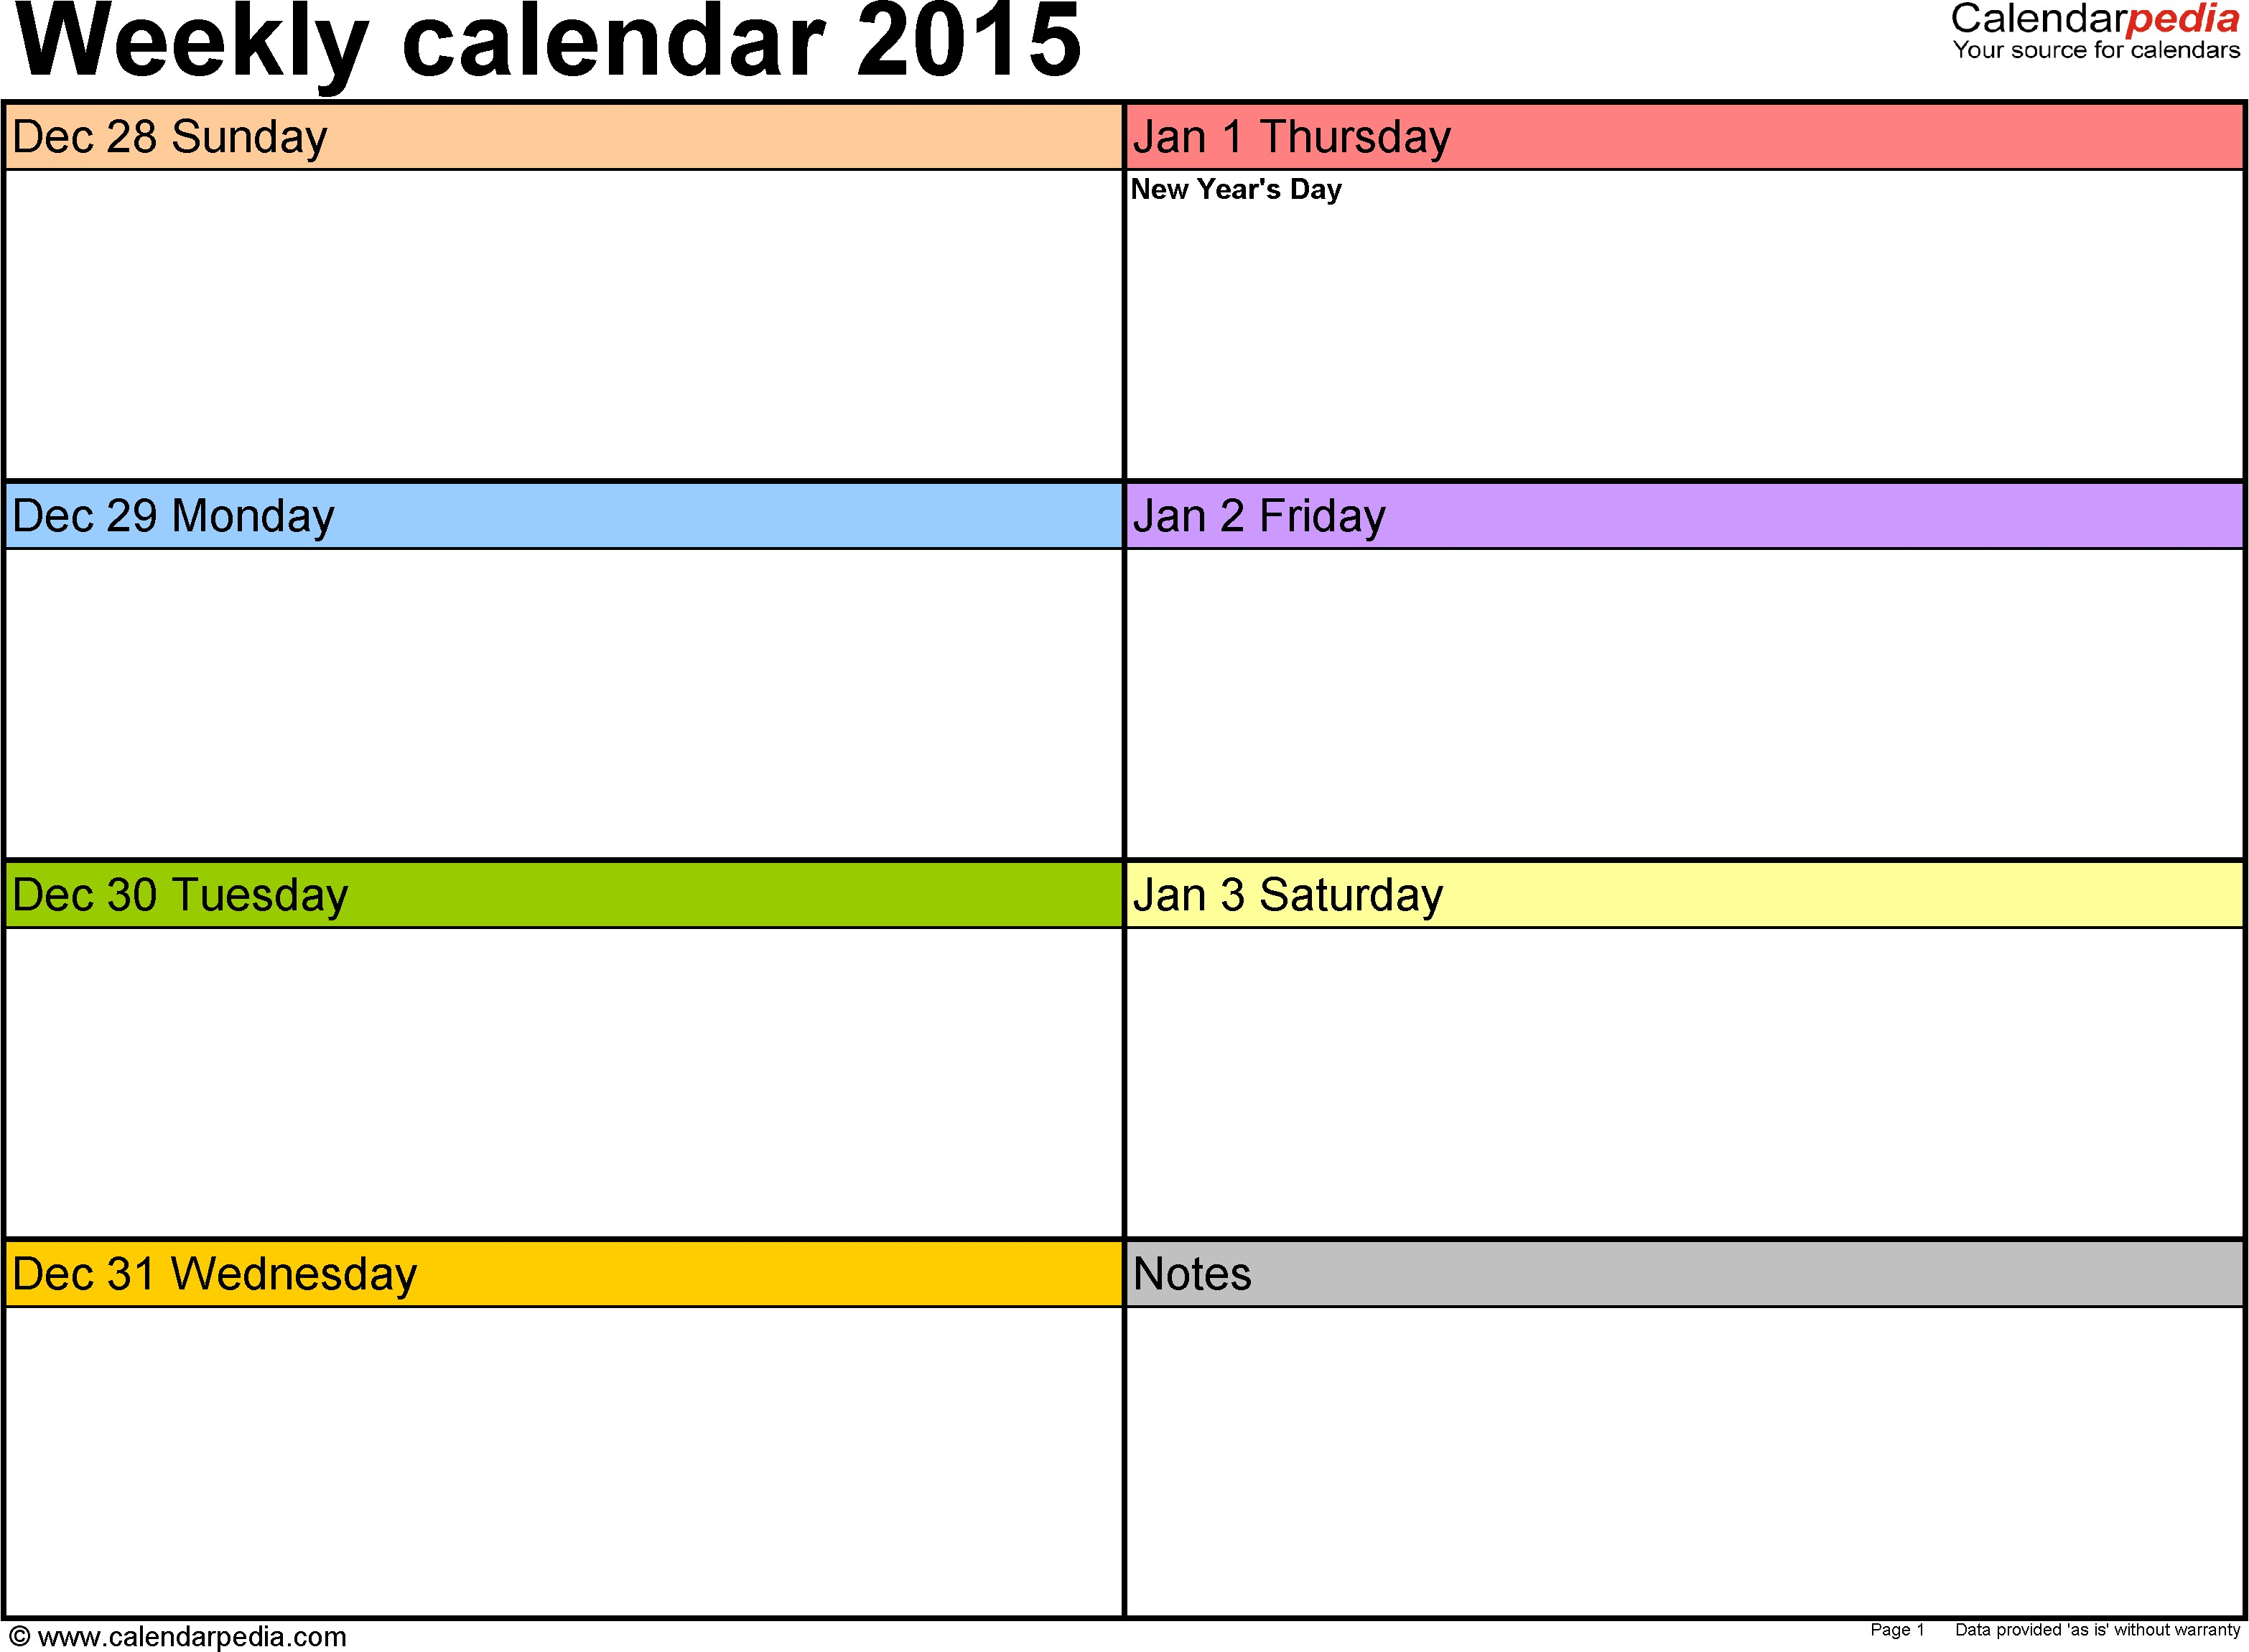 2 Week Printable Calendar Weekly Calendar 2015 for Excel 12 Free Printable Templates